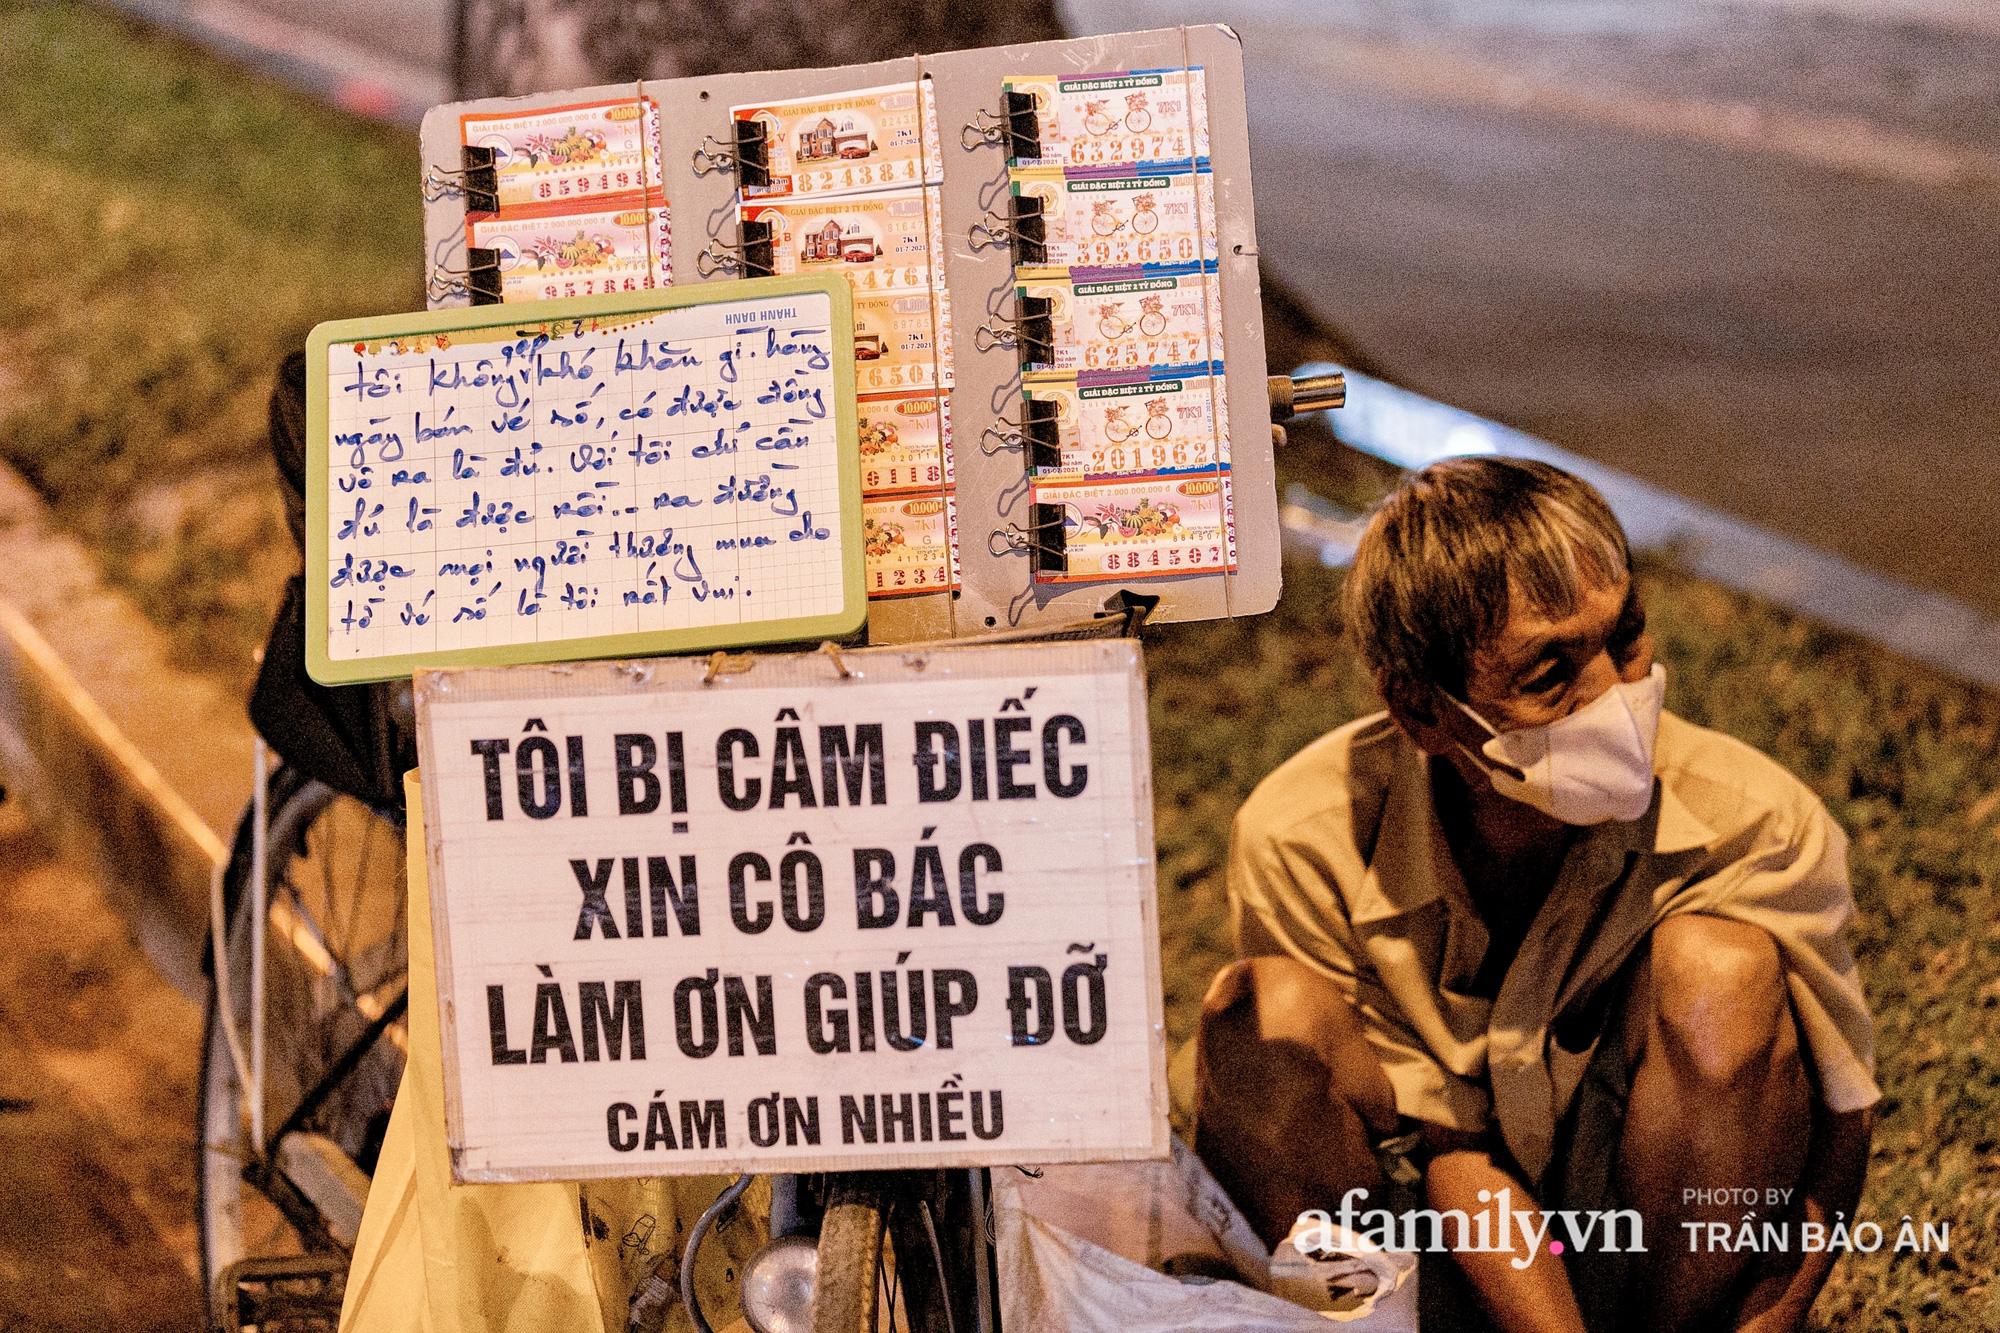 Cụ ông câm, điếc cưu mang chú chó nhỏ, thà rong rủi bán vé số để lấy tiền nuôi nhau chứ không nhận 70 triệu khi người Sài Gòn dang tay giúp đỡ  - Ảnh 9.